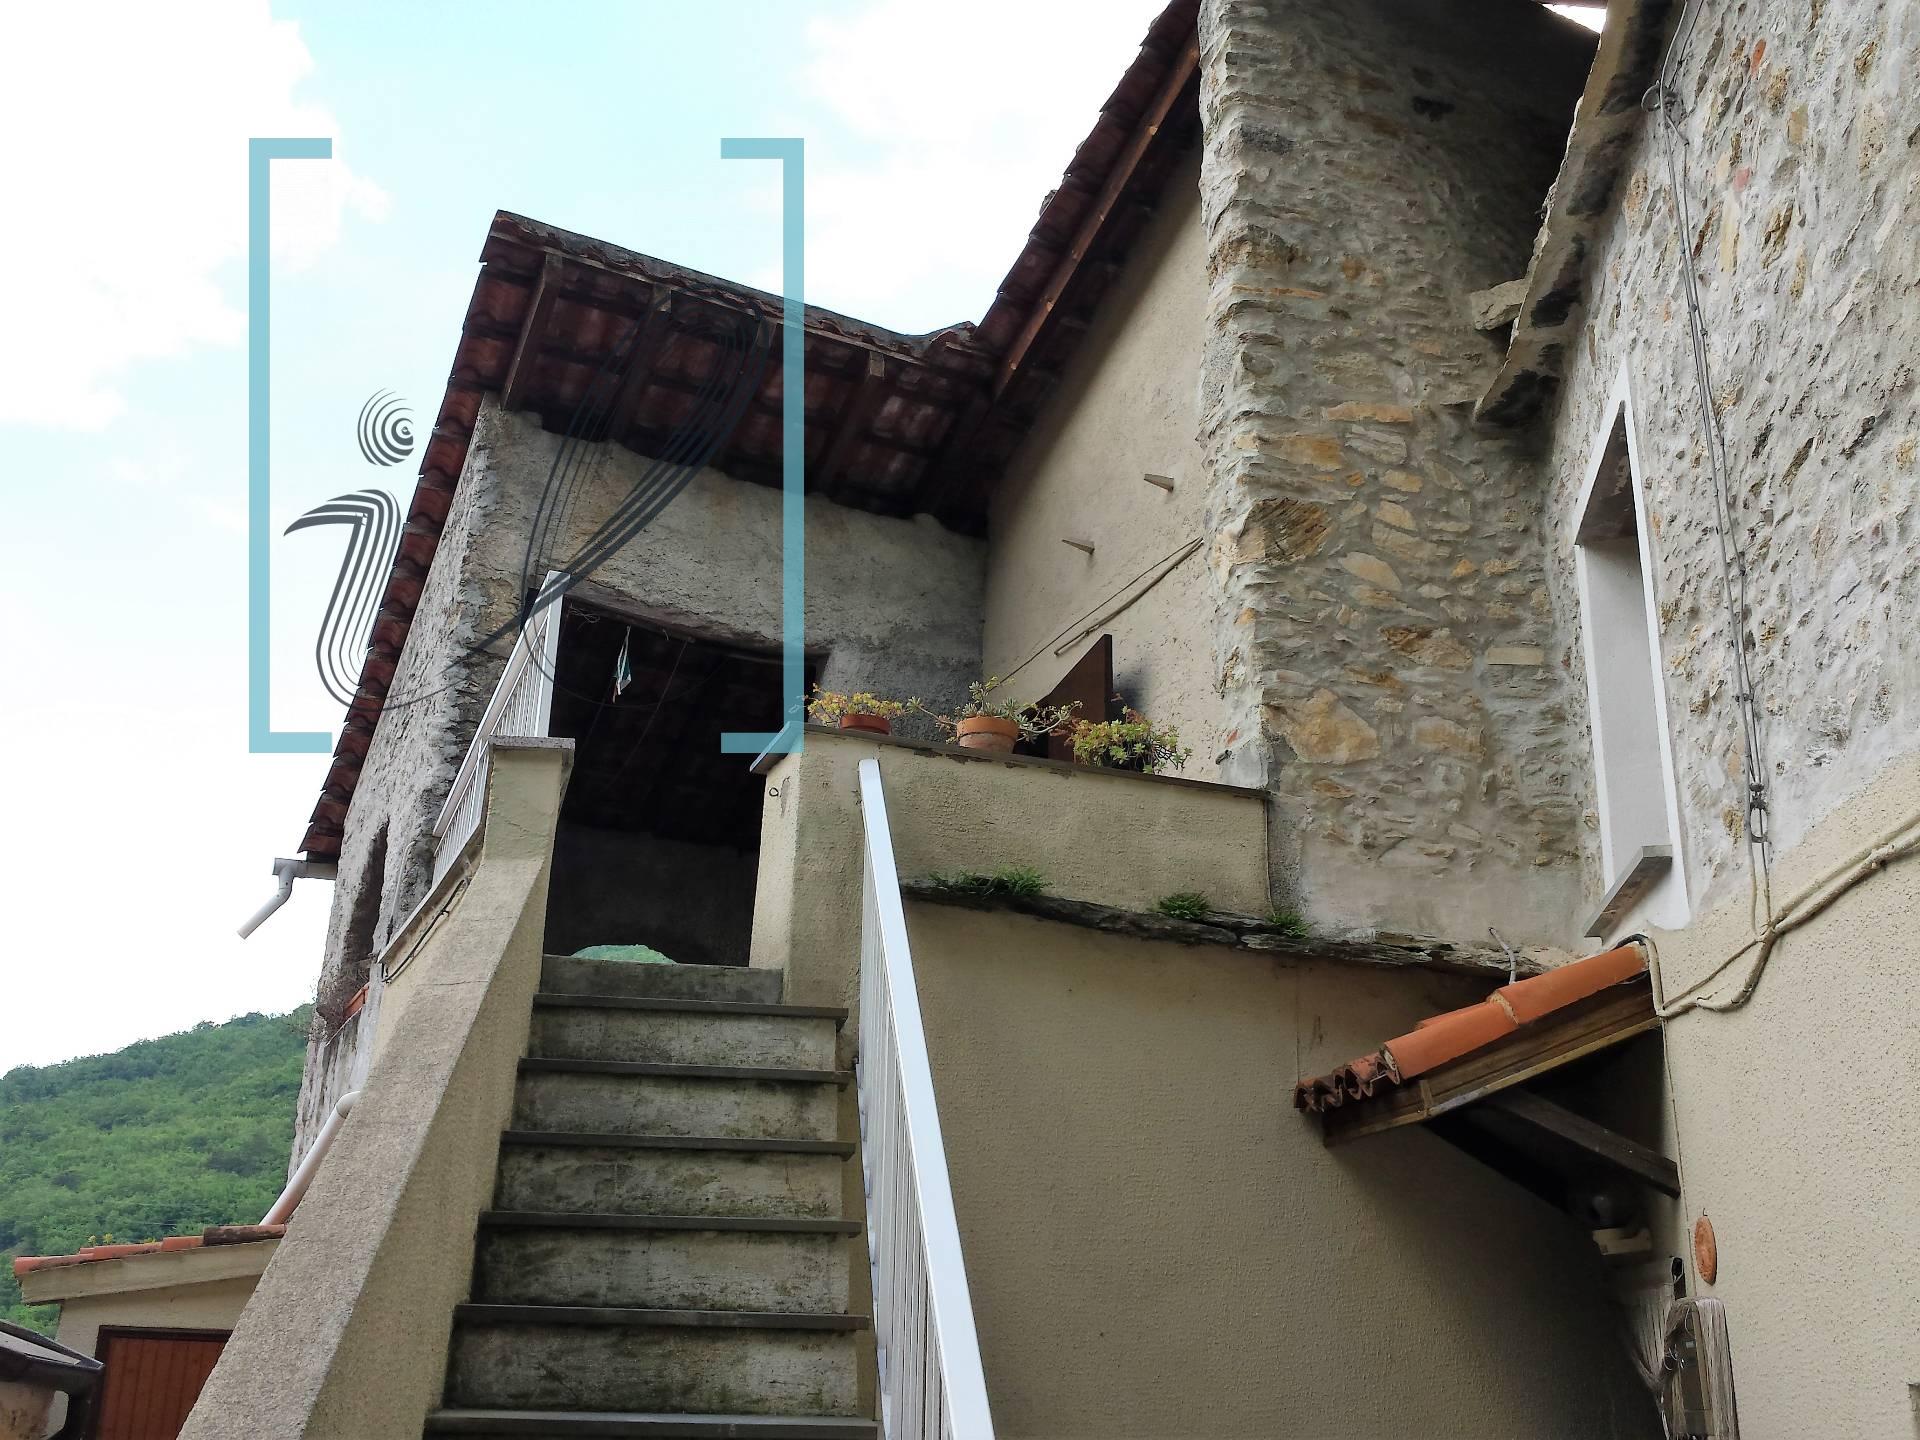 Rustico / Casale in vendita a Erli, 9 locali, prezzo € 140.000 | Cambio Casa.it